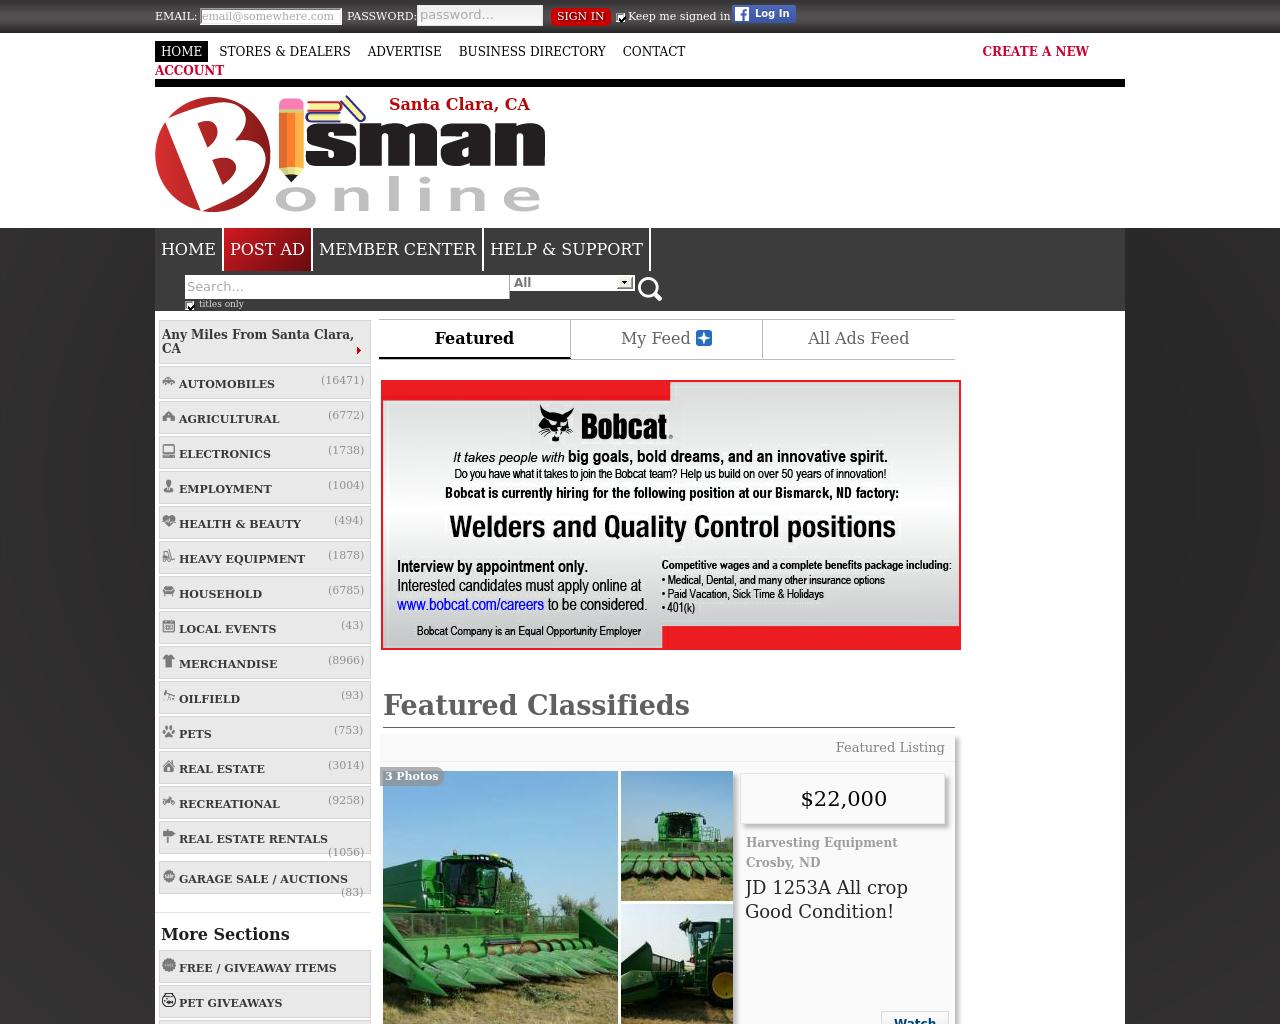 Bisman-Online-Advertising-Reviews-Pricing